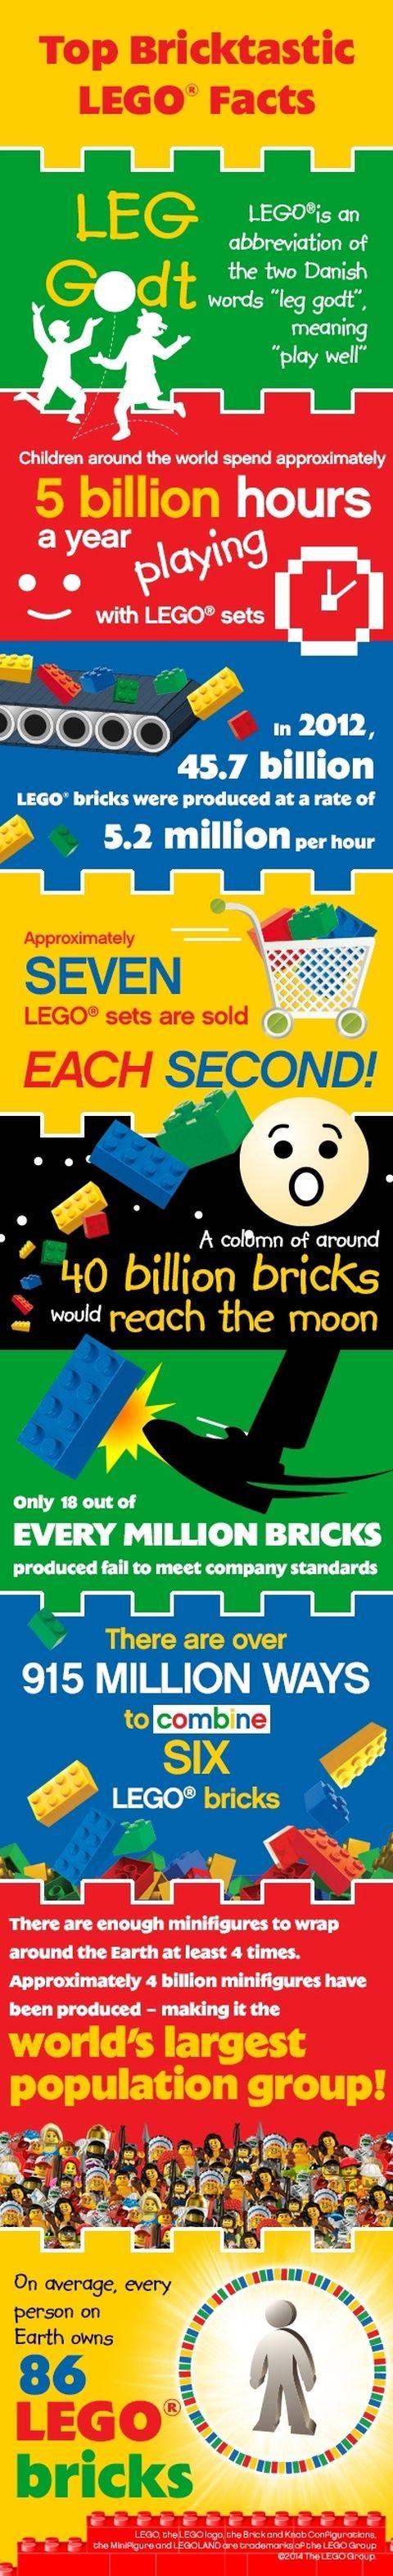 Fun LEGO Facts